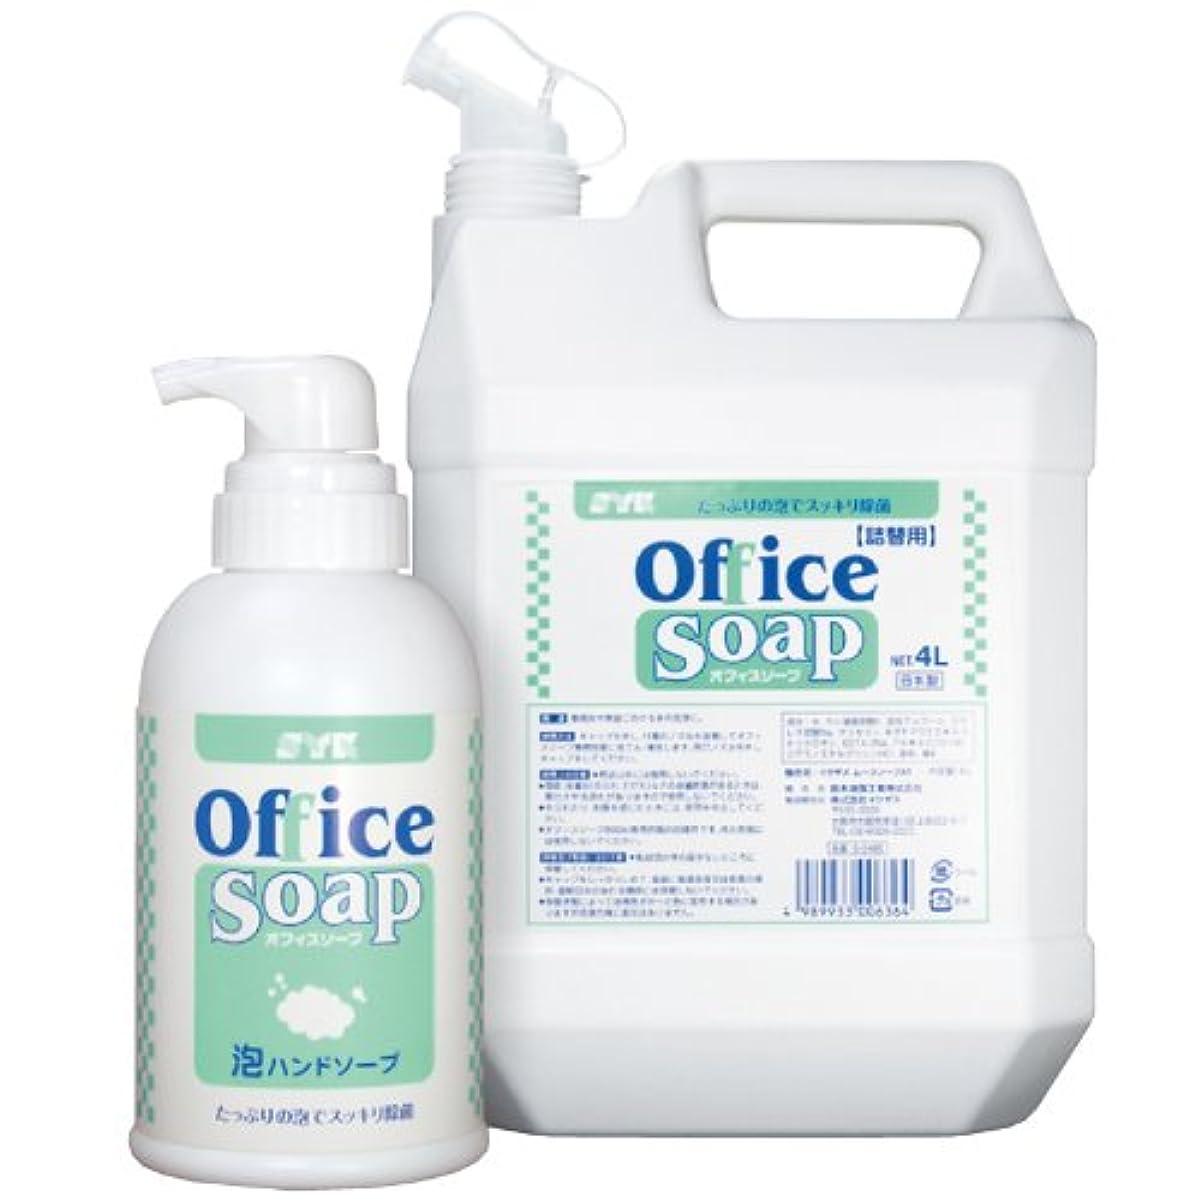 ホール装備する思慮のない鈴木油脂 事務所用手洗い洗剤 業務用 オフィスソープ ポンプ入 780ml×3本